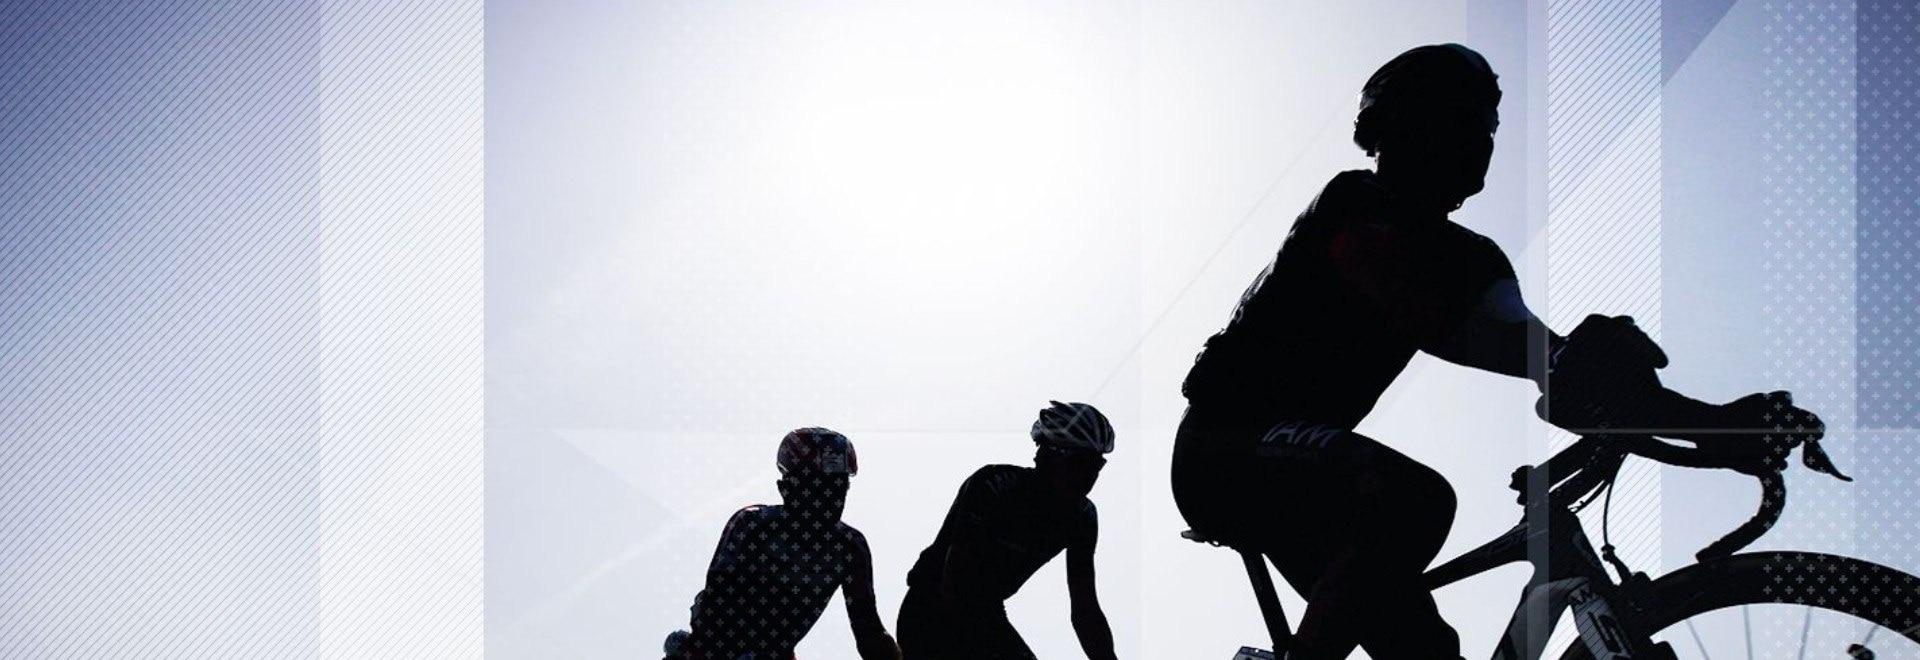 Vuelta di Spagna 2019